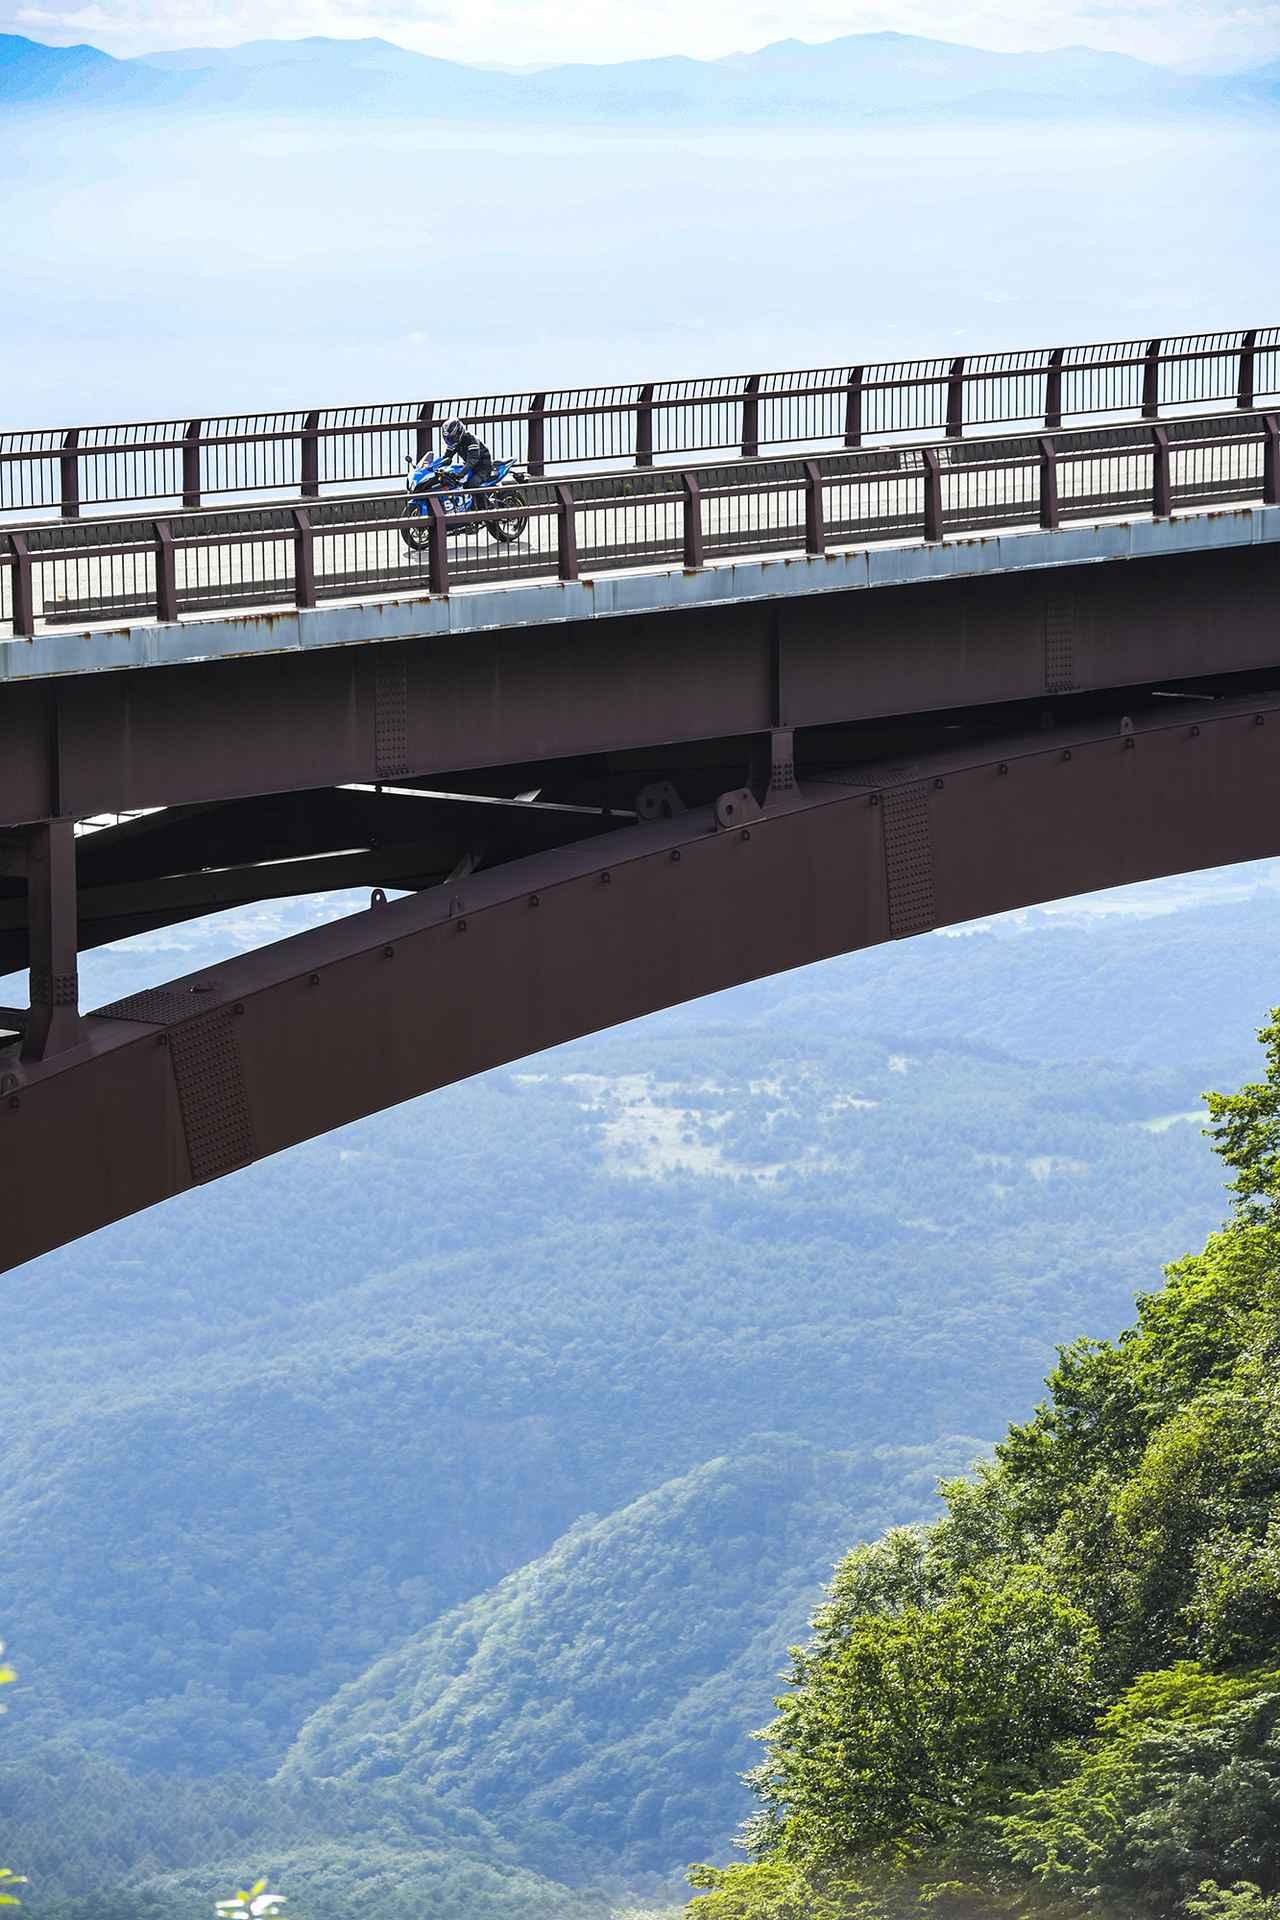 【本日解禁】憧れの『雪の回廊』ツーリング! バイクでこそ走りたい福島/磐梯吾妻スカイラインの冬季通行止めが解除されます!【スズキのバイク! の耳寄りニュース】